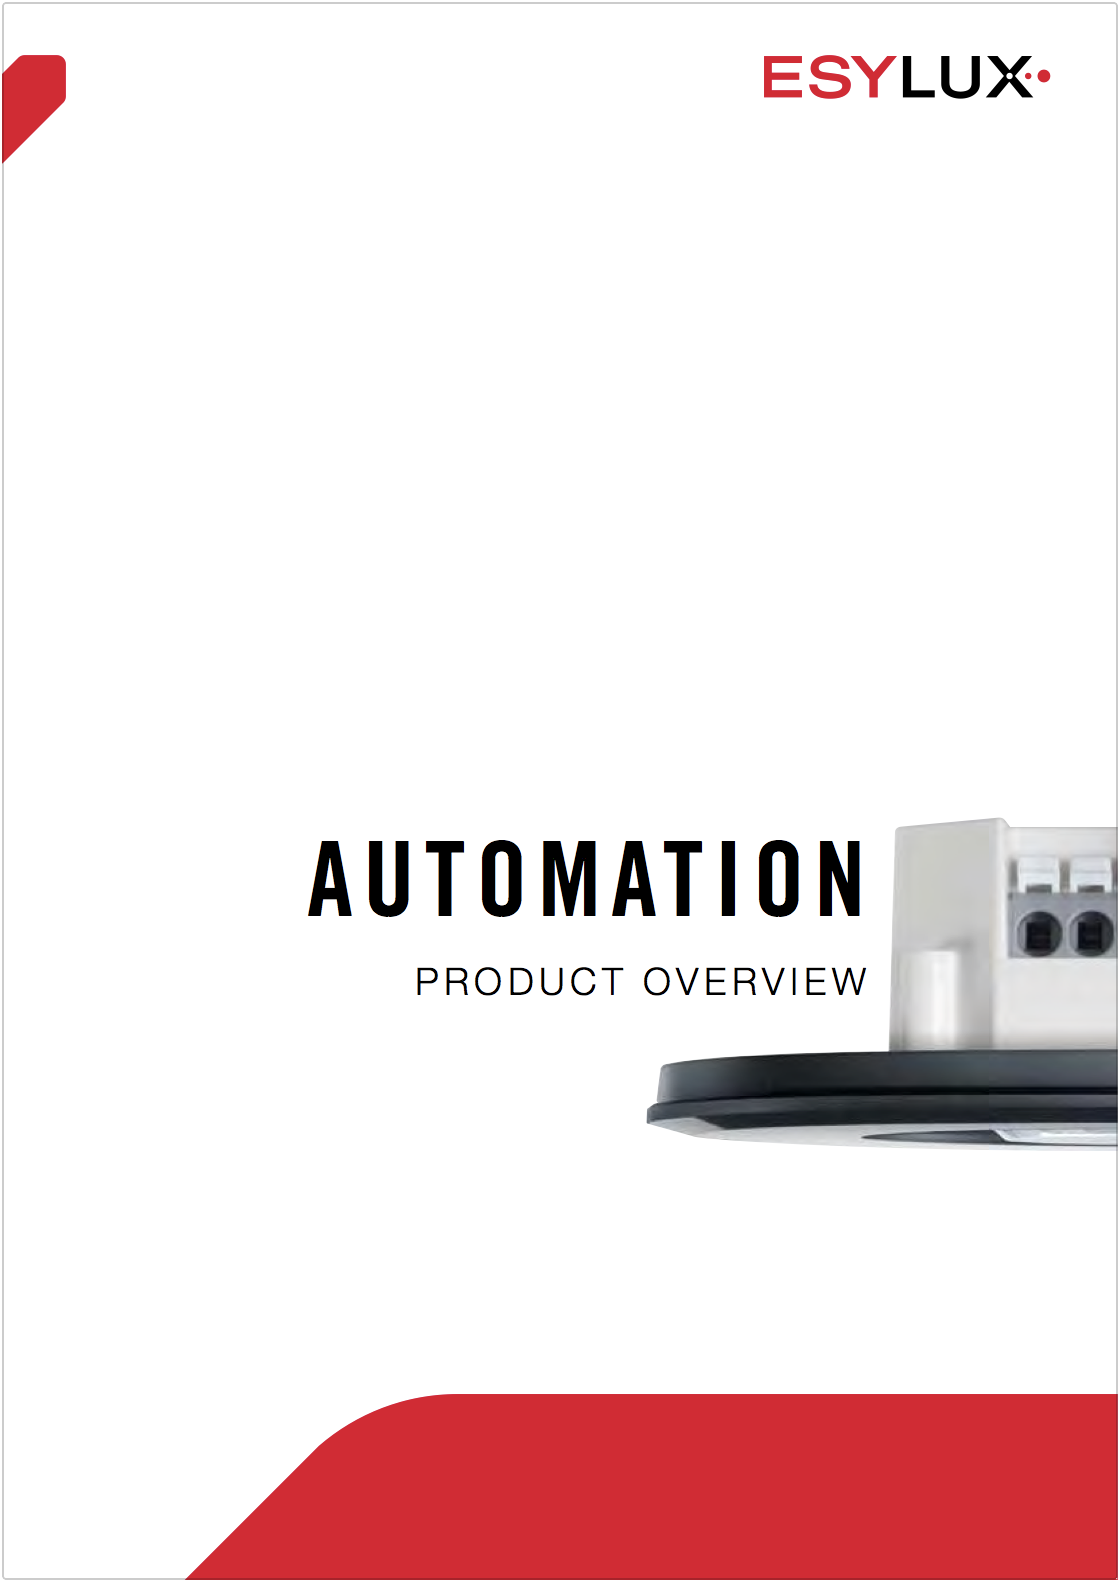 Esylux Automation Overview